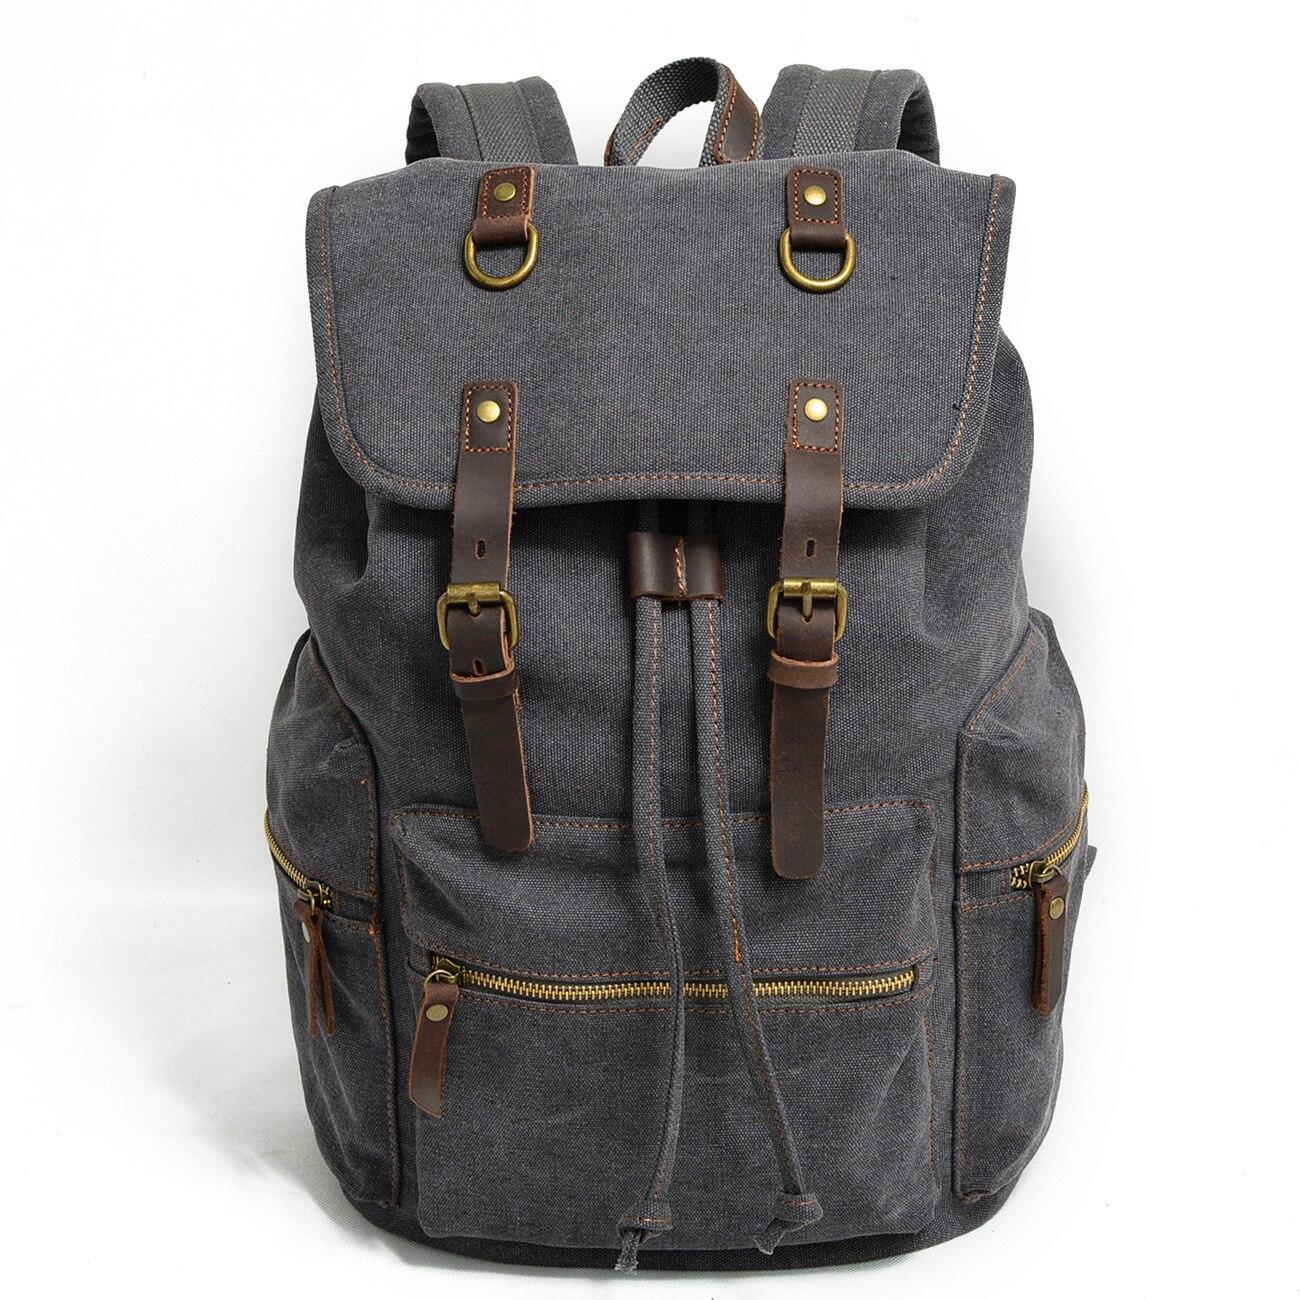 Haute qualité toile Vintage hommes sac à dos sac à main étanche voyage randonnée sac d'école grande capacité sac à dos pour ordinateur portable grand Bookbag